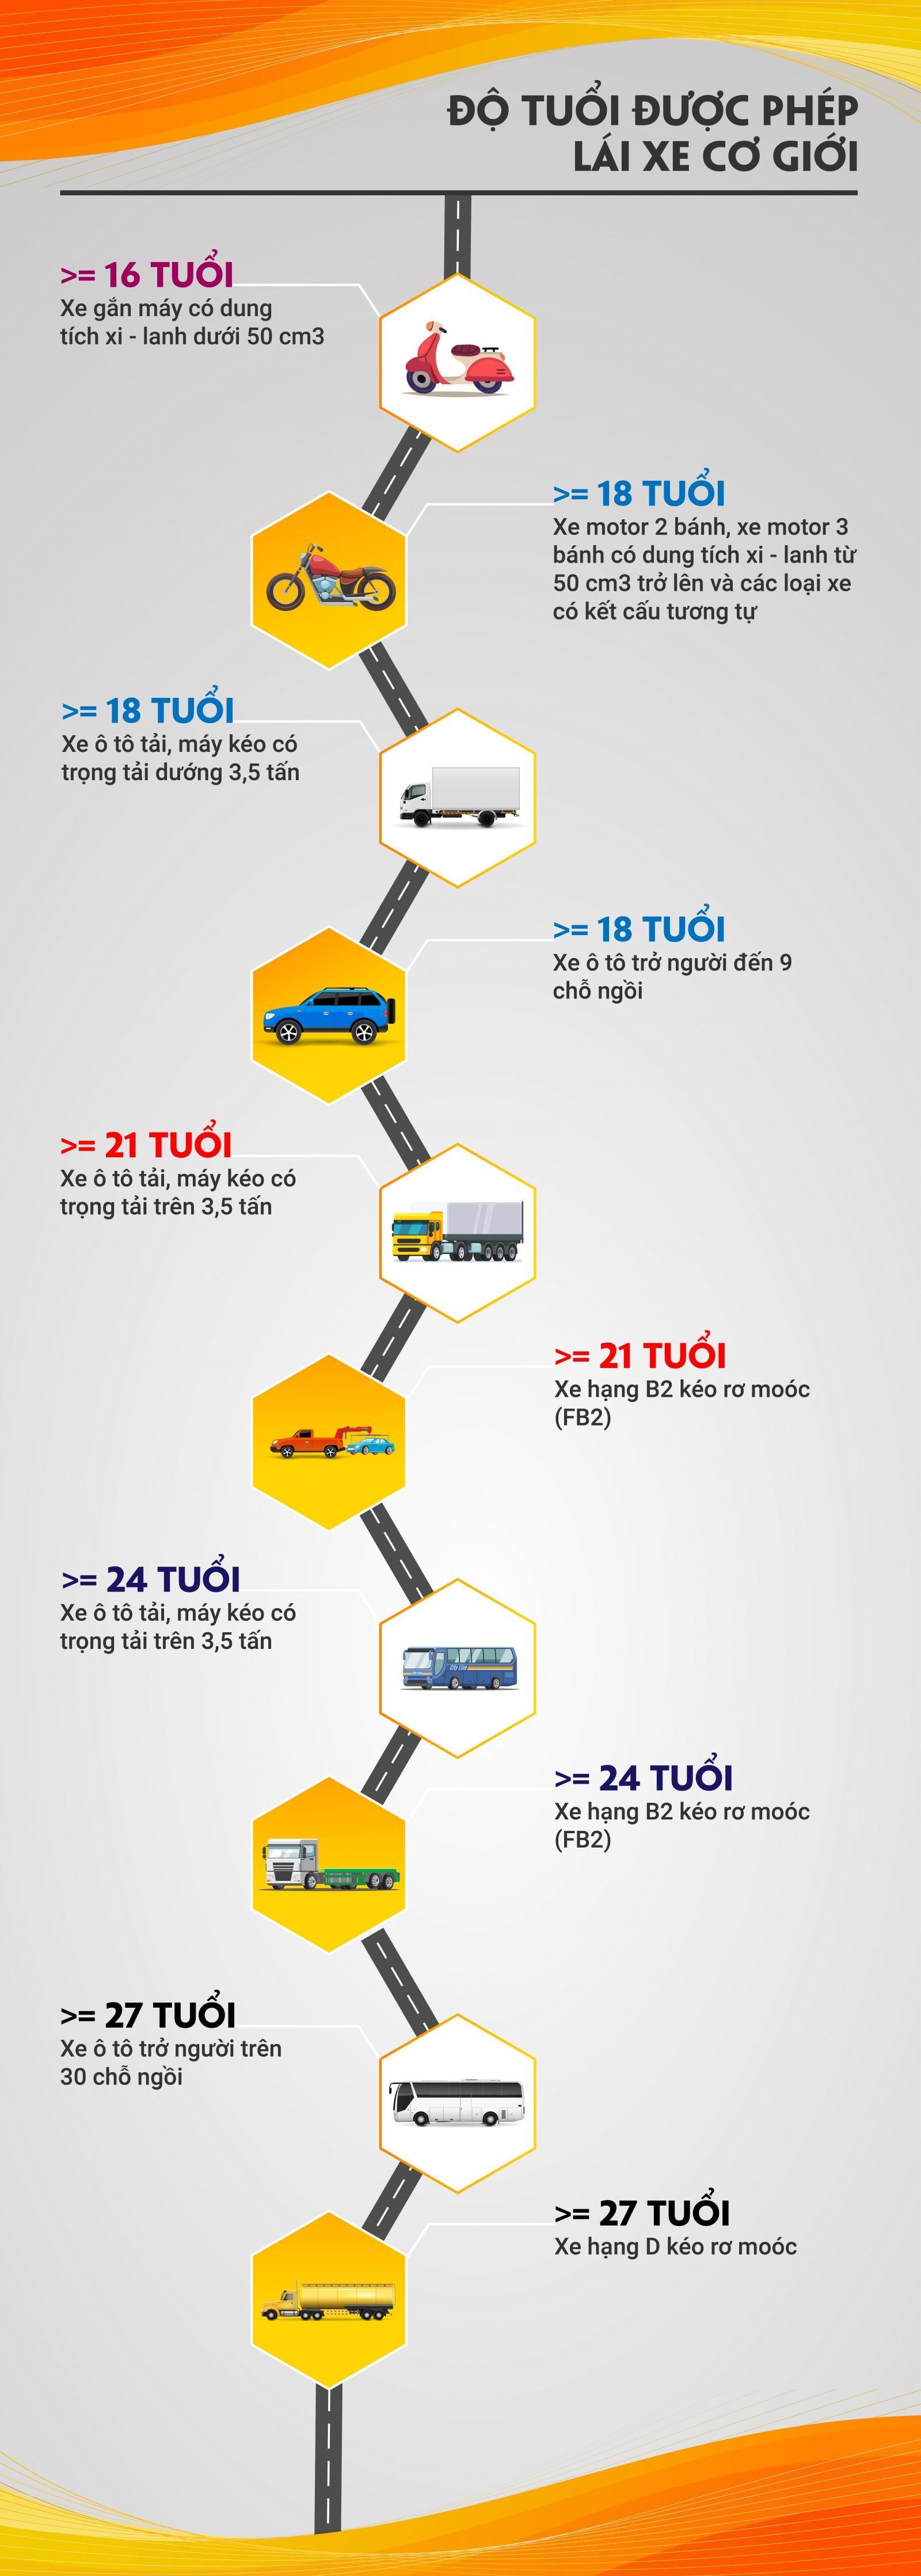 Infographic: Độ tuổi được phép lái xe cơ giới từ năm 2021